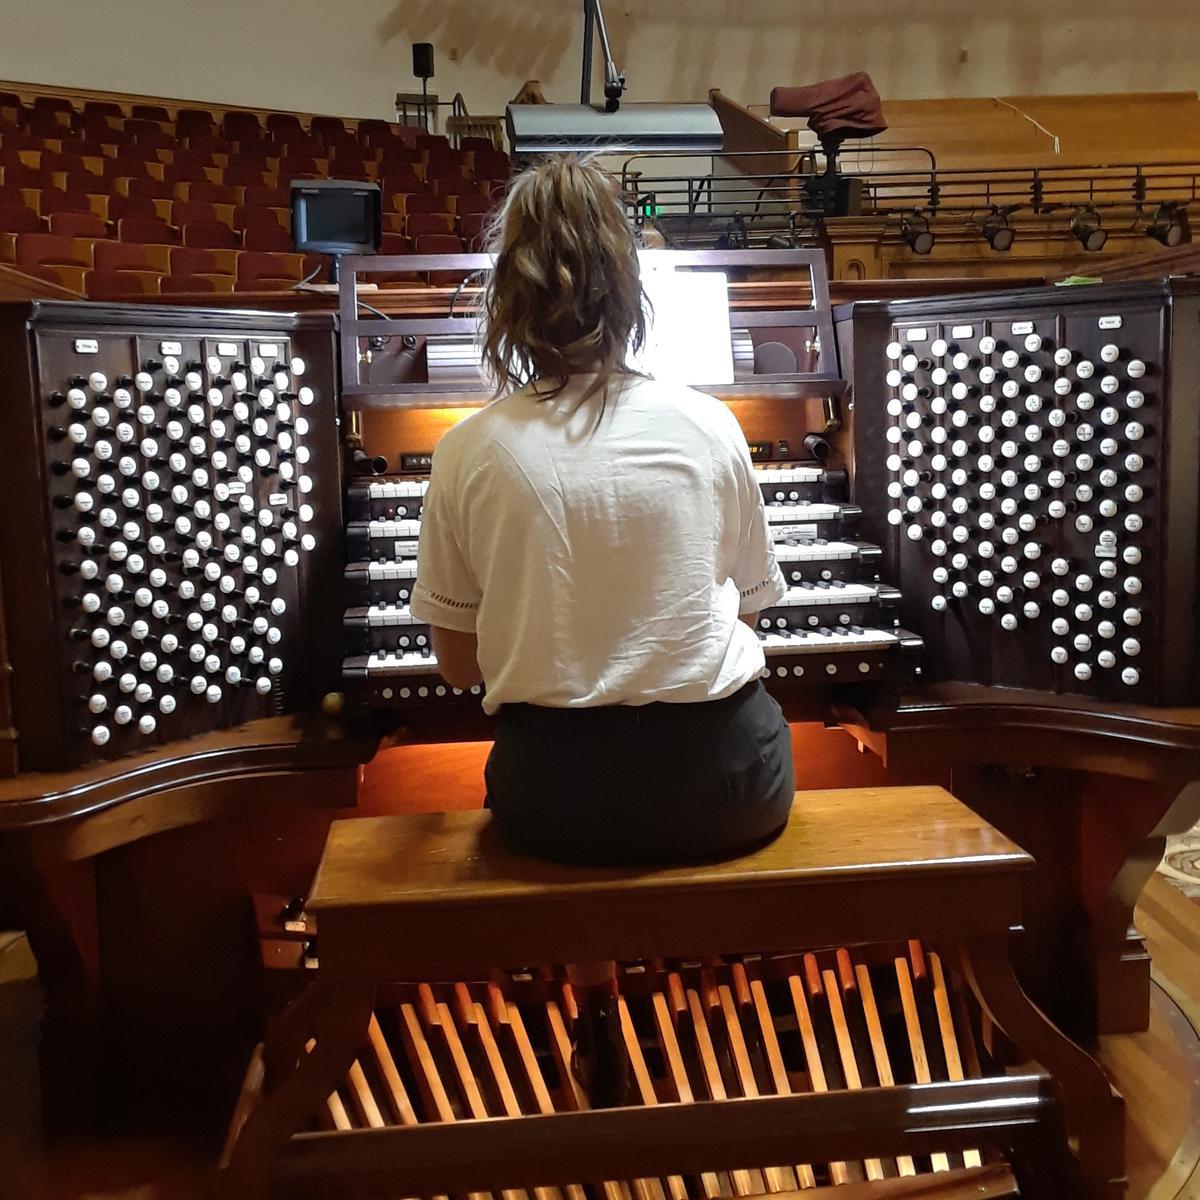 Við orgelið í gömlu ráðstefnuhöllinni, Tabernacle.